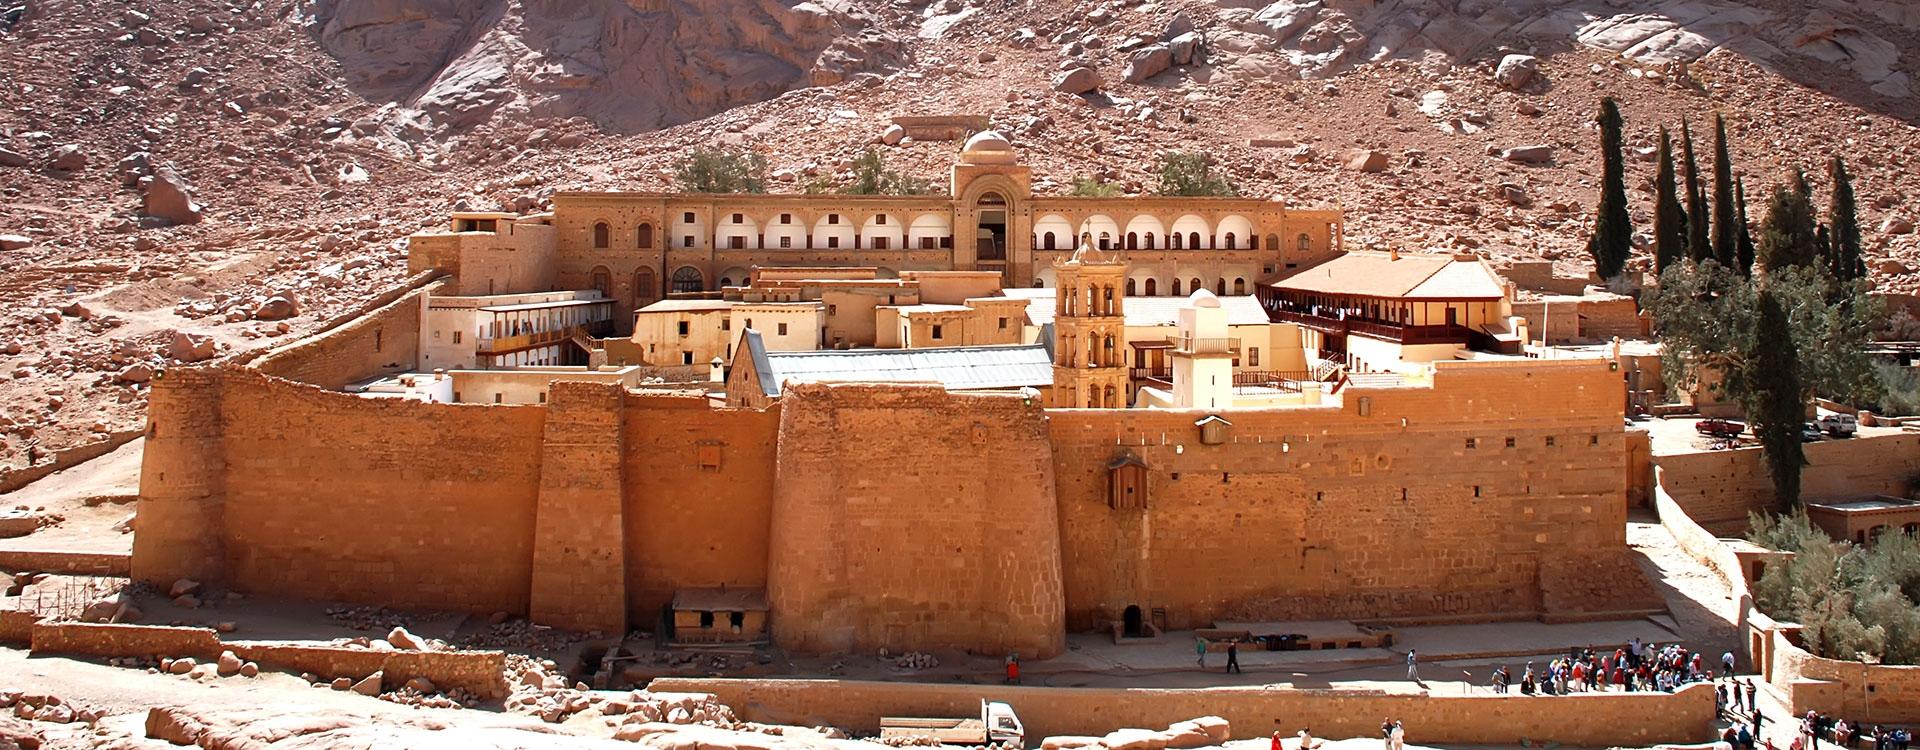 Трансфер и Туры по Израилю, Иордании, Египет из Эйлата